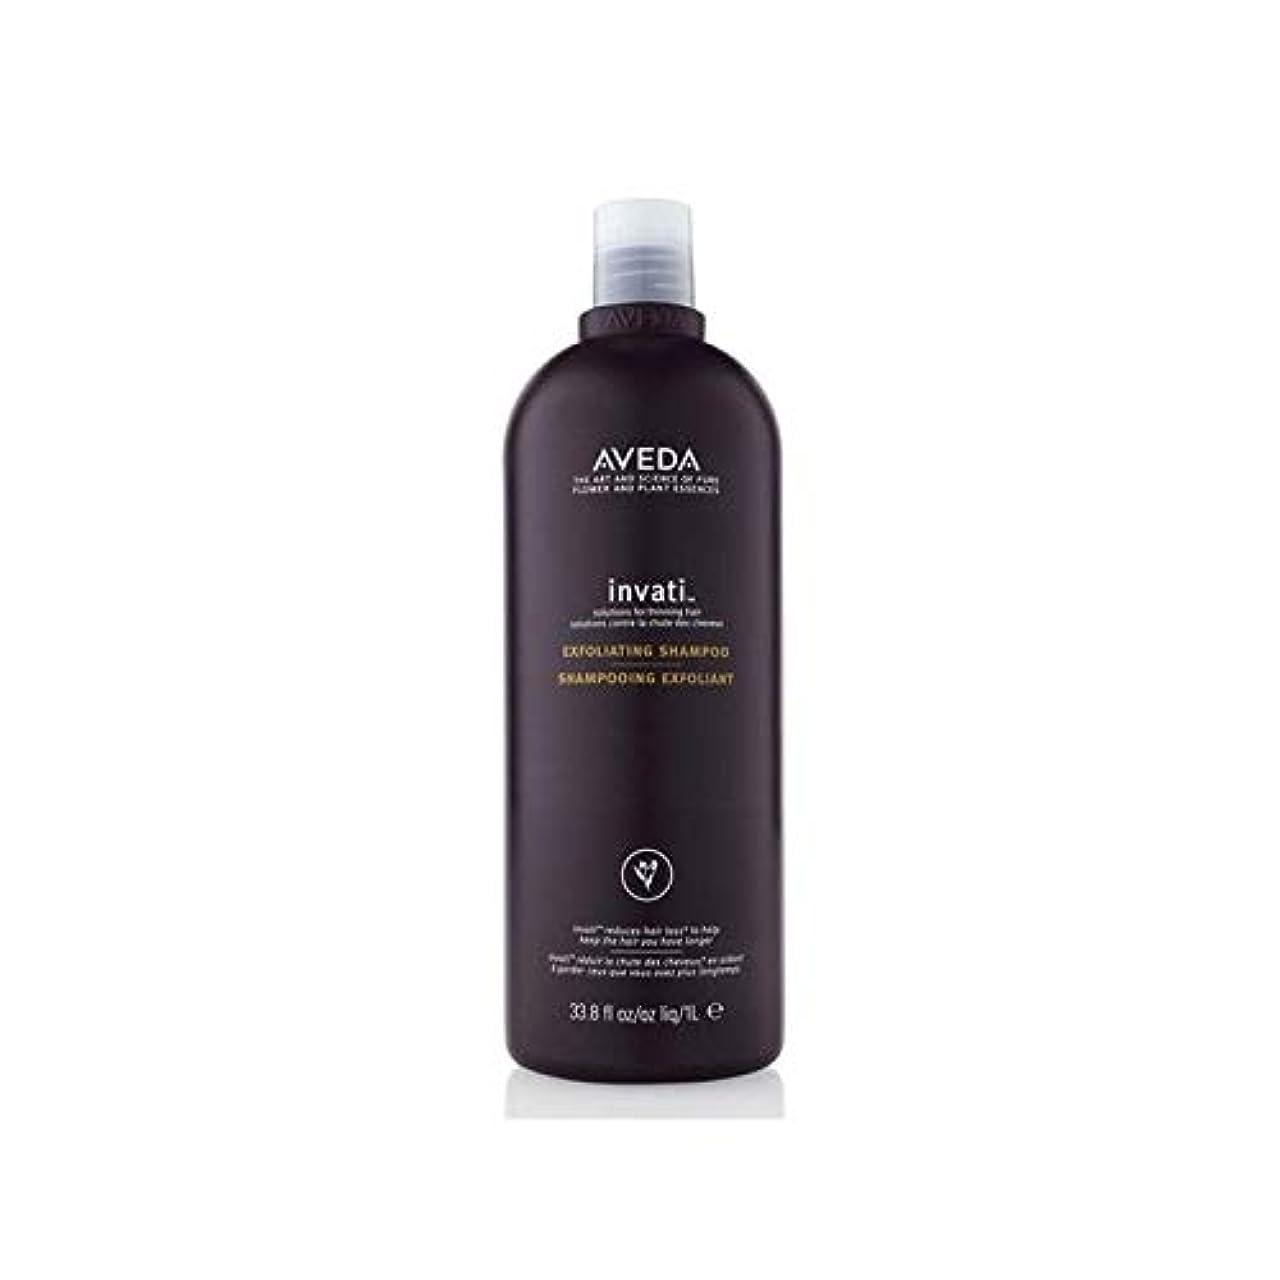 労苦不要偶然の[AVEDA ] アヴェダInvatiシャンプー(千ミリリットル) - Aveda Invati Shampoo (1000ml) [並行輸入品]